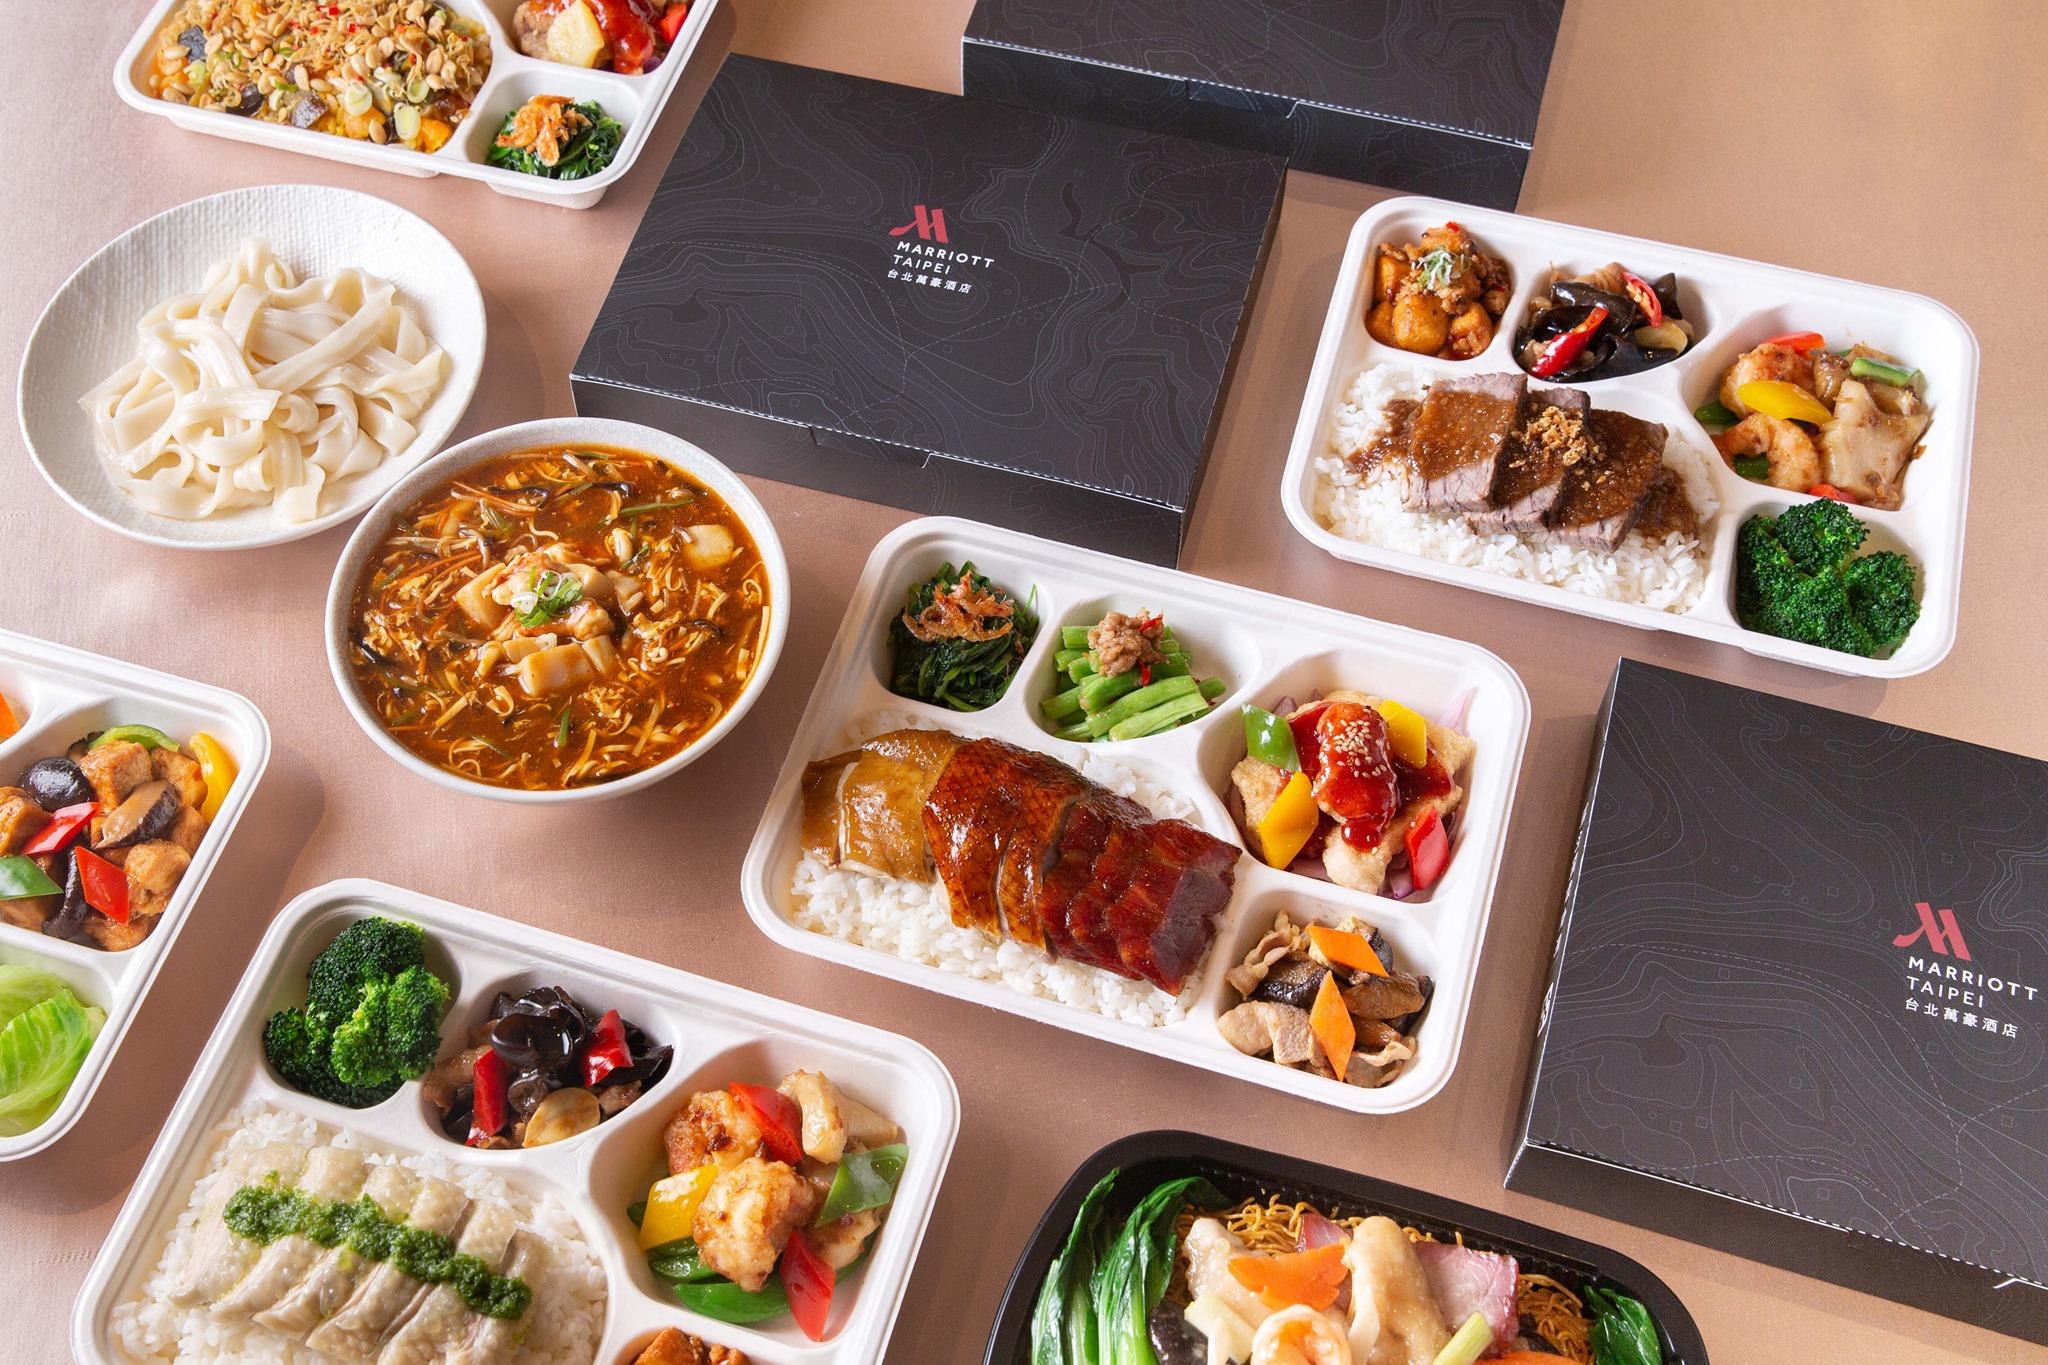 最新推播訊息:台北萬豪酒店外帶便當只要250元。每周換菜色